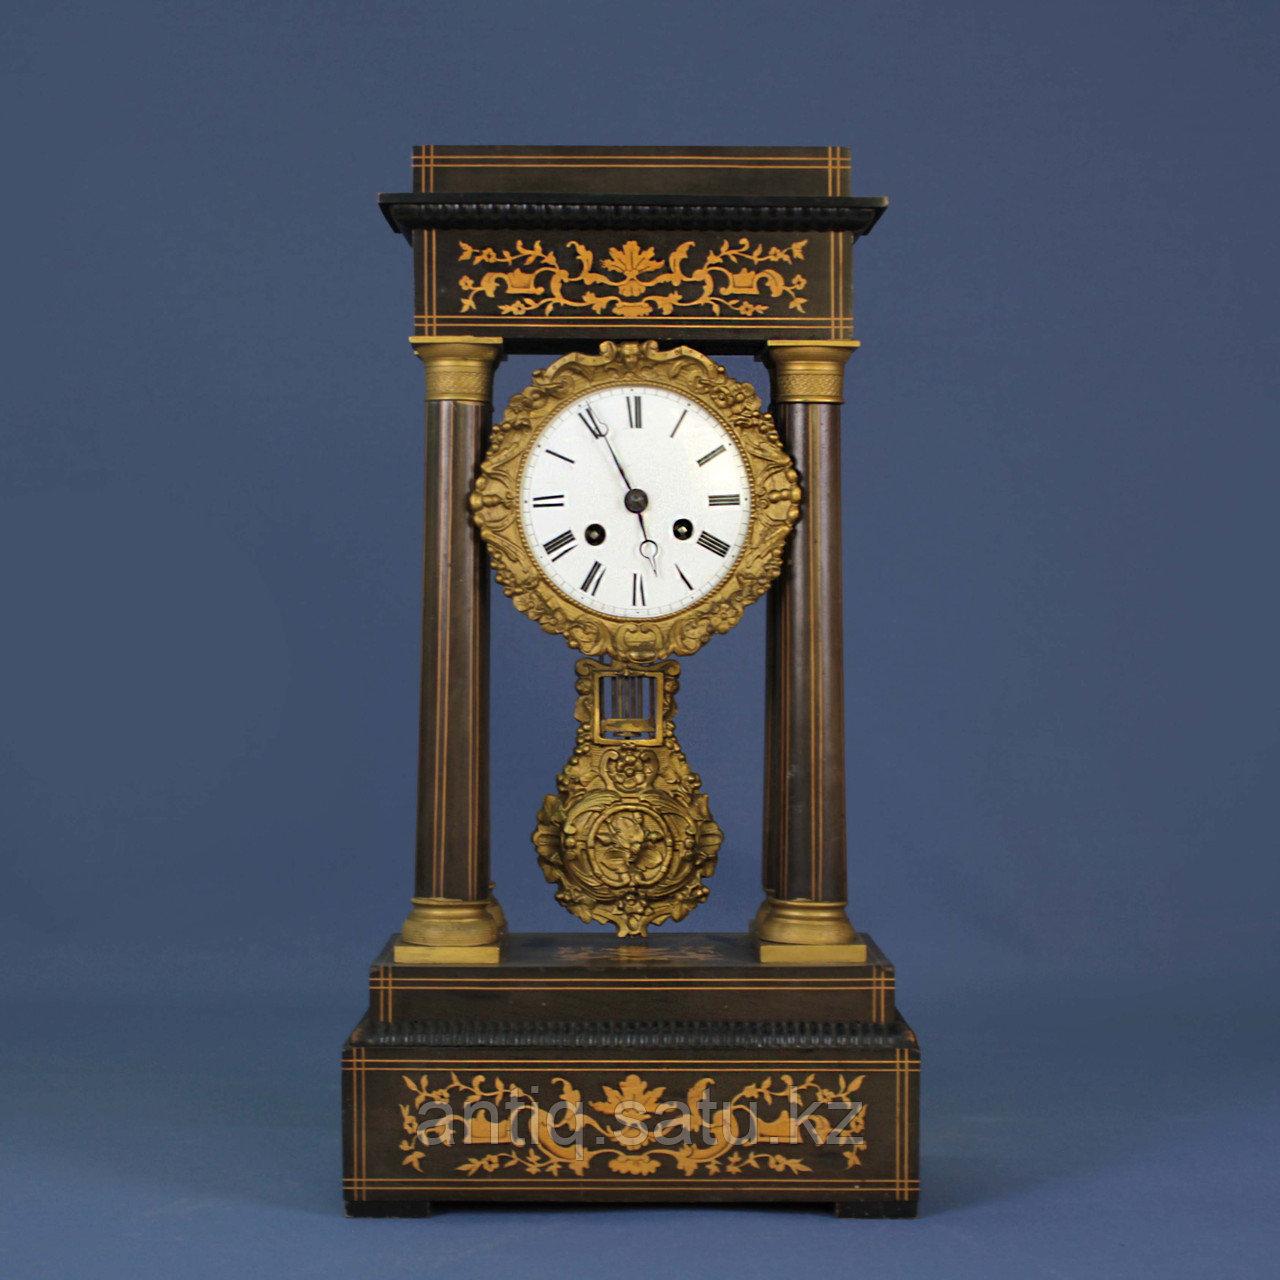 Кабинетные часы в стиле Карла Х. Часовая мастерская Samuel Marti & Cie - фото 1